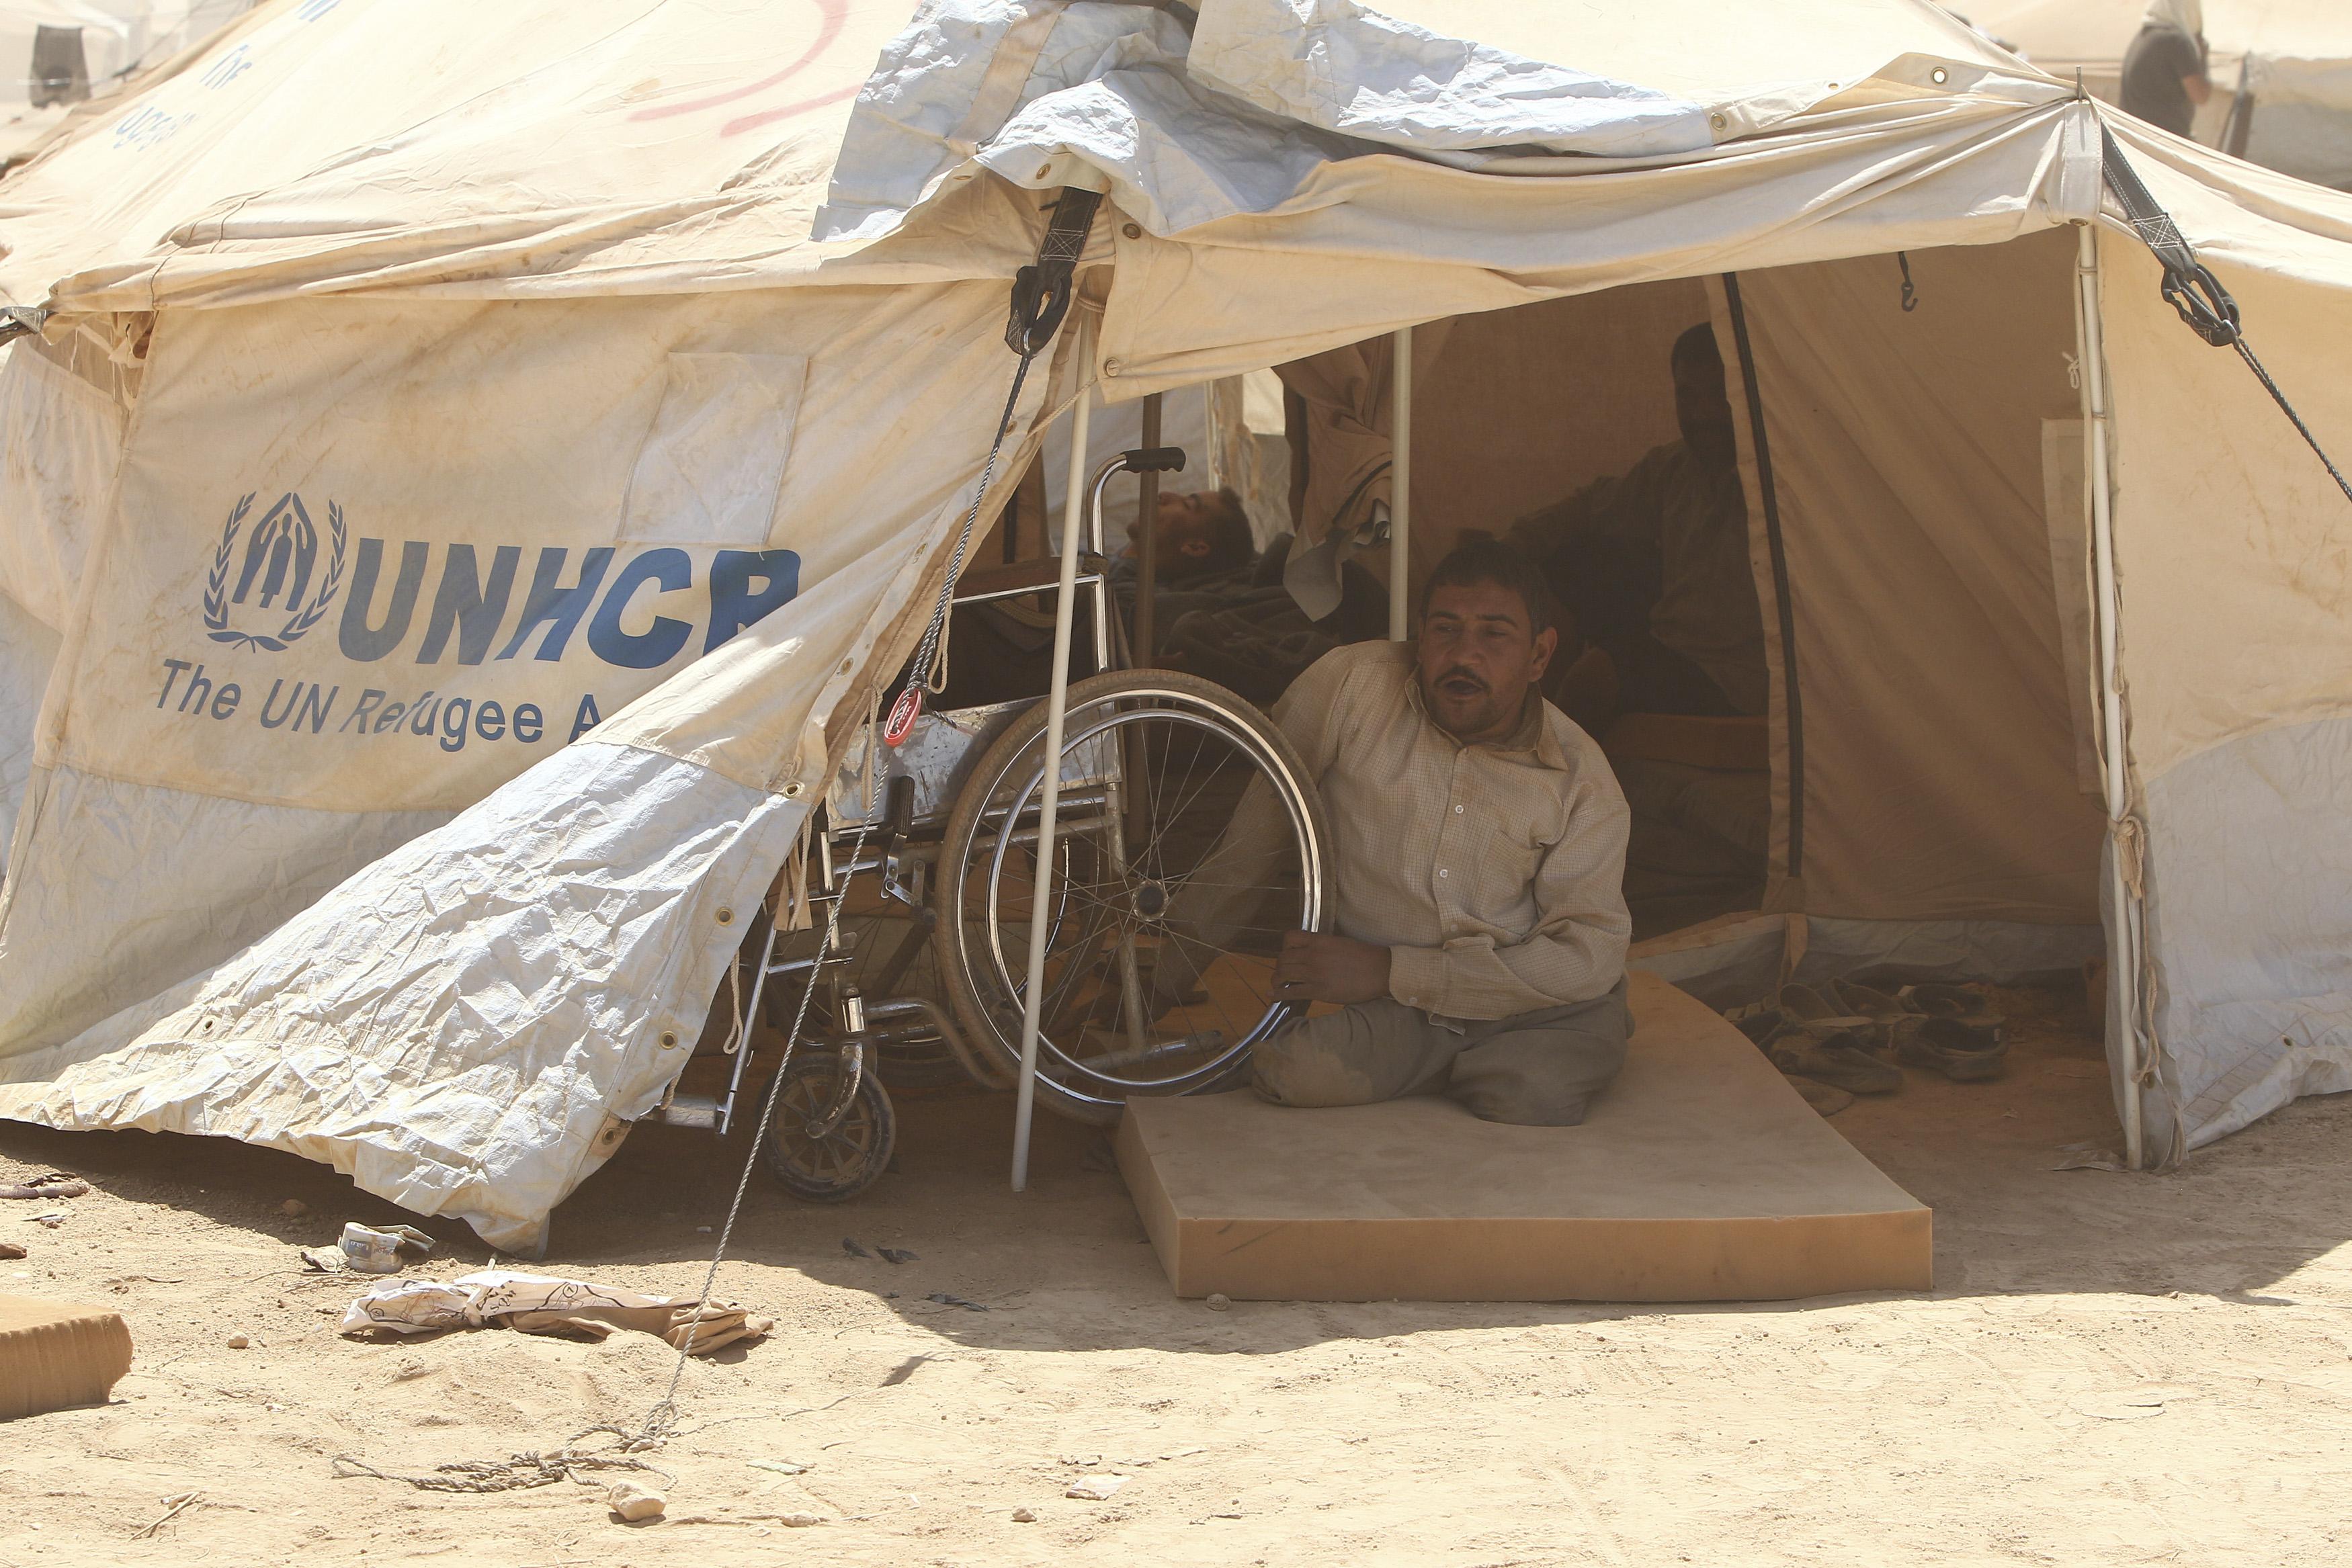 لاجئ سوري معاق ينظر من خيمته في مخيم الزعتري للاجئين في الأردن قرب الحدود السورية